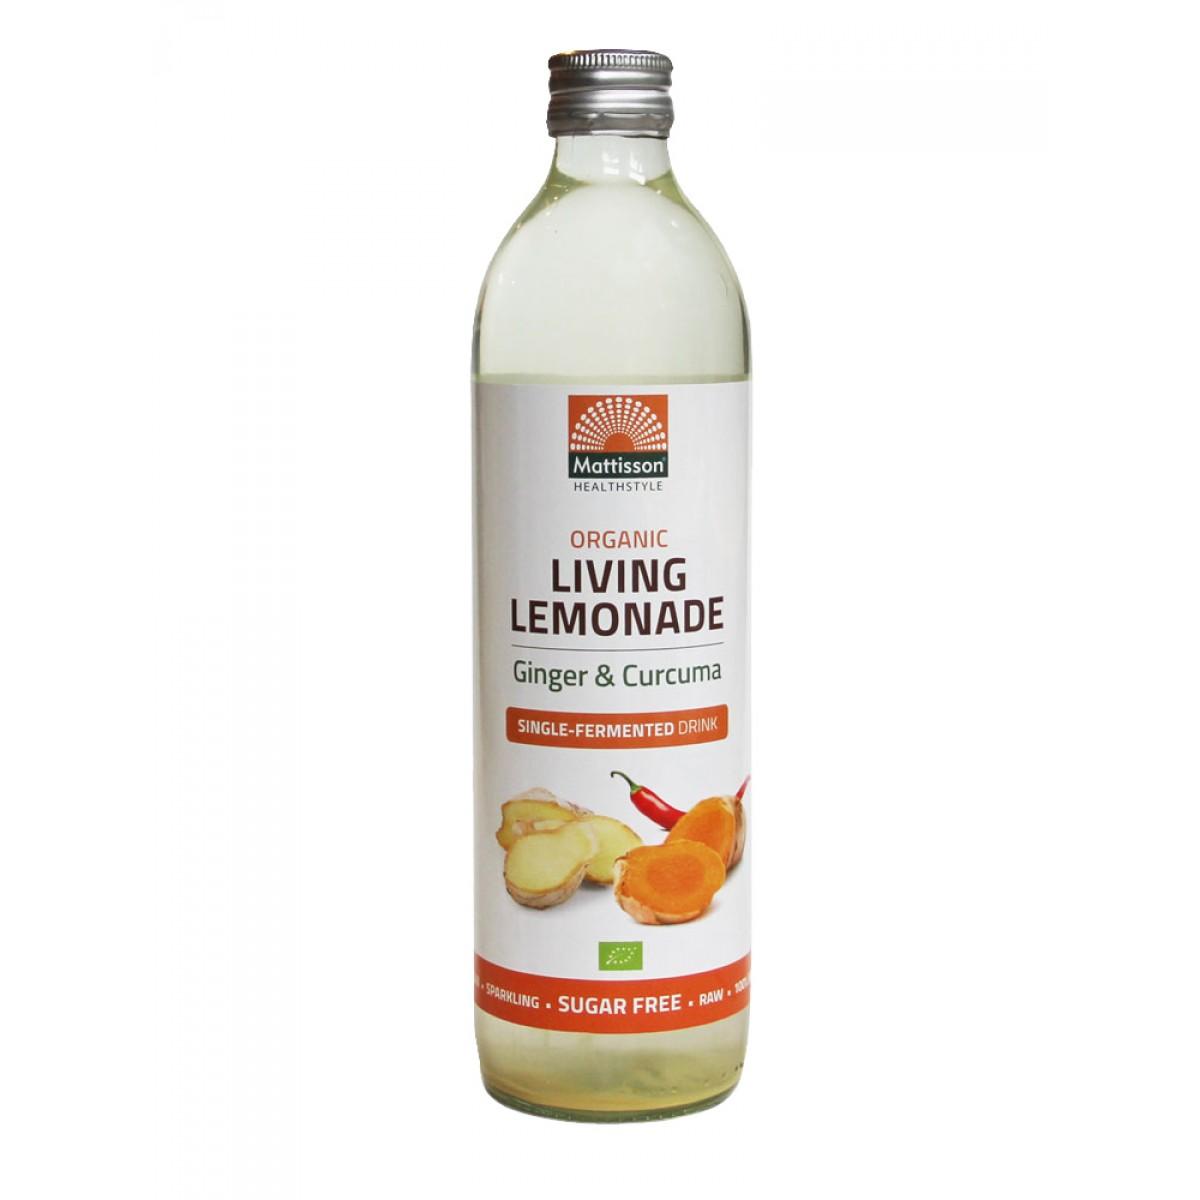 Living Lemonade Gember & Curcuma